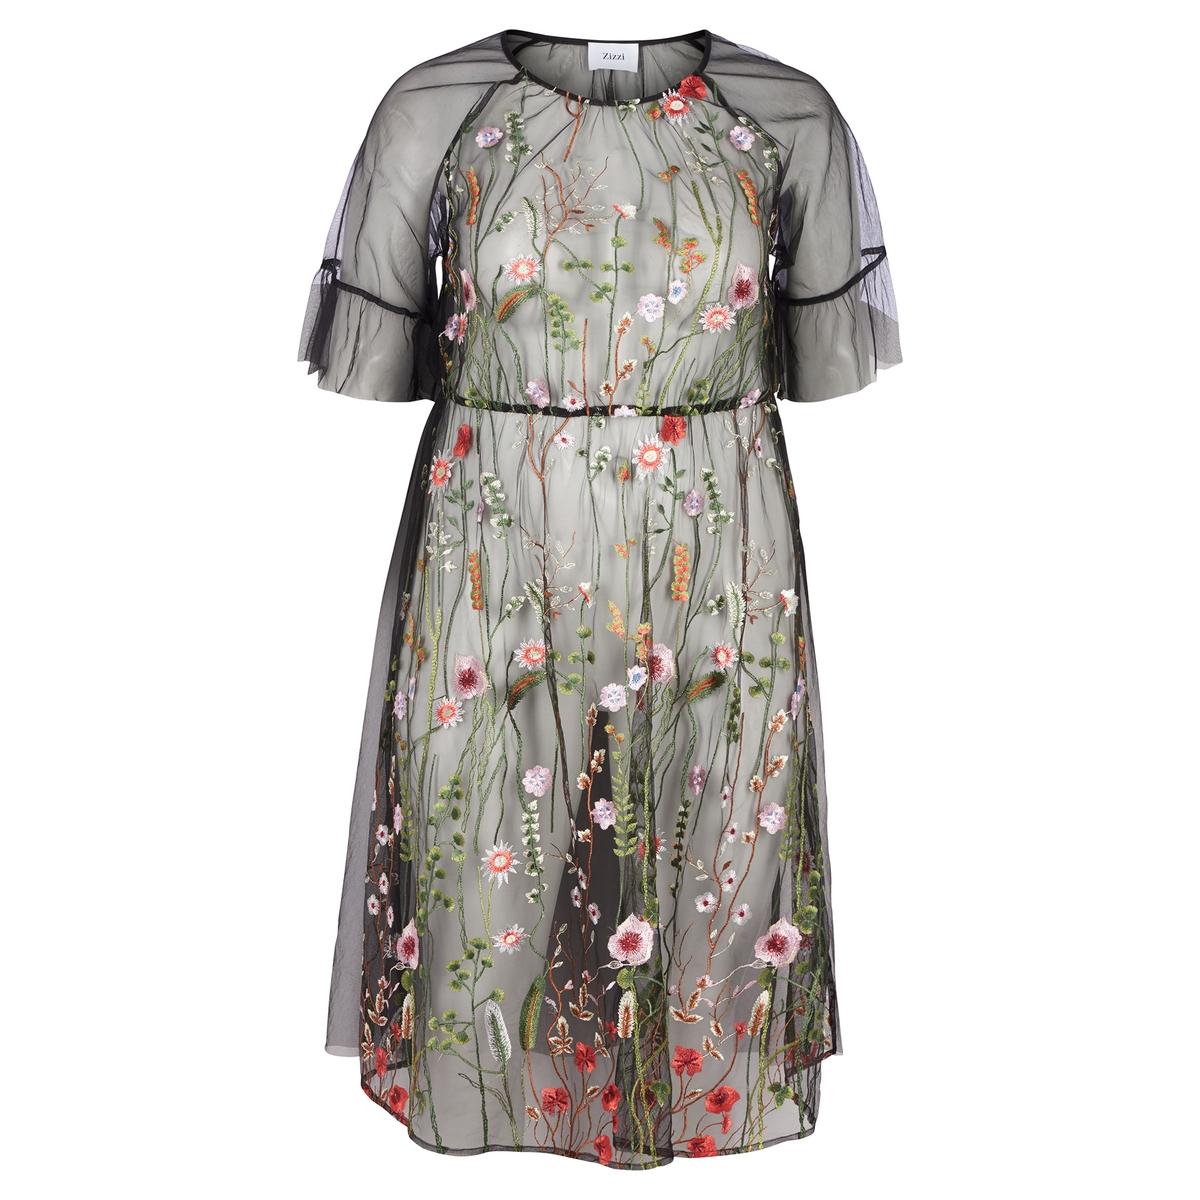 купить Платье расклешенное с цветочным рисунком и короткими рукавами по цене 4999.2 рублей